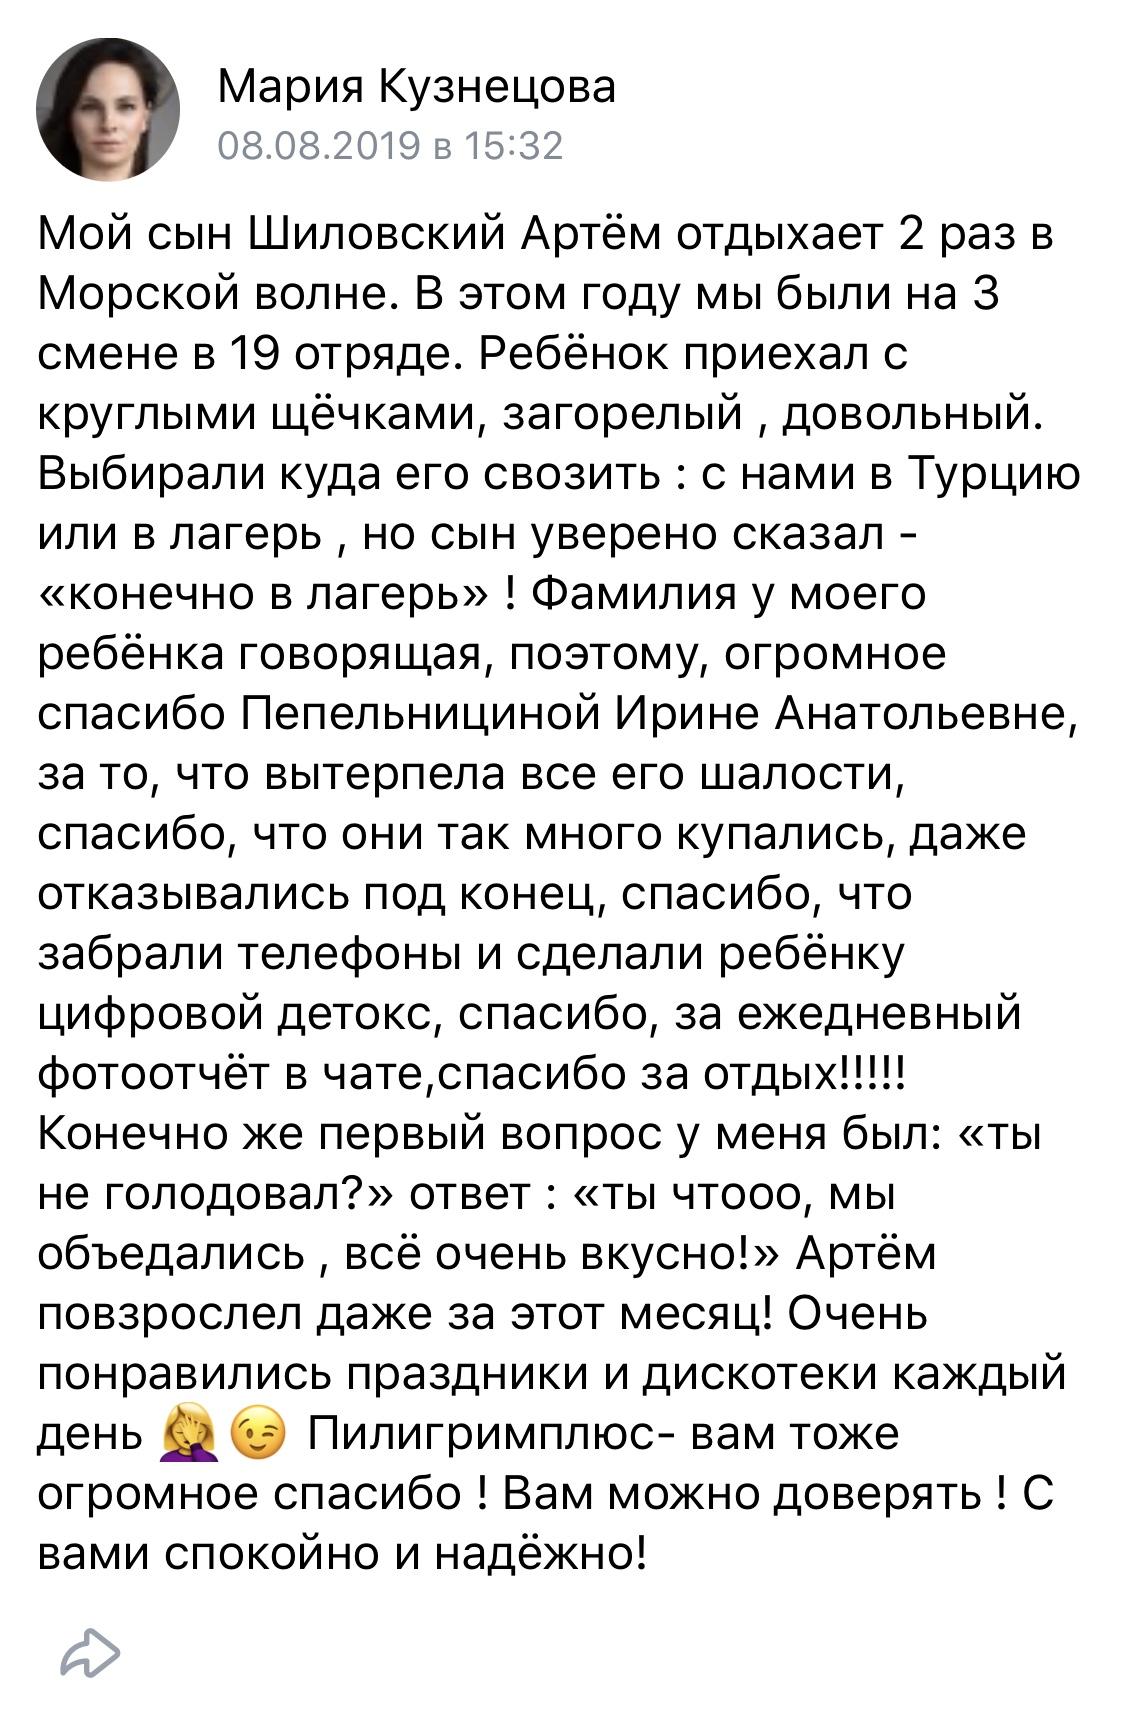 отзыв Марии Кузнецовой о Пилигрим Плюс